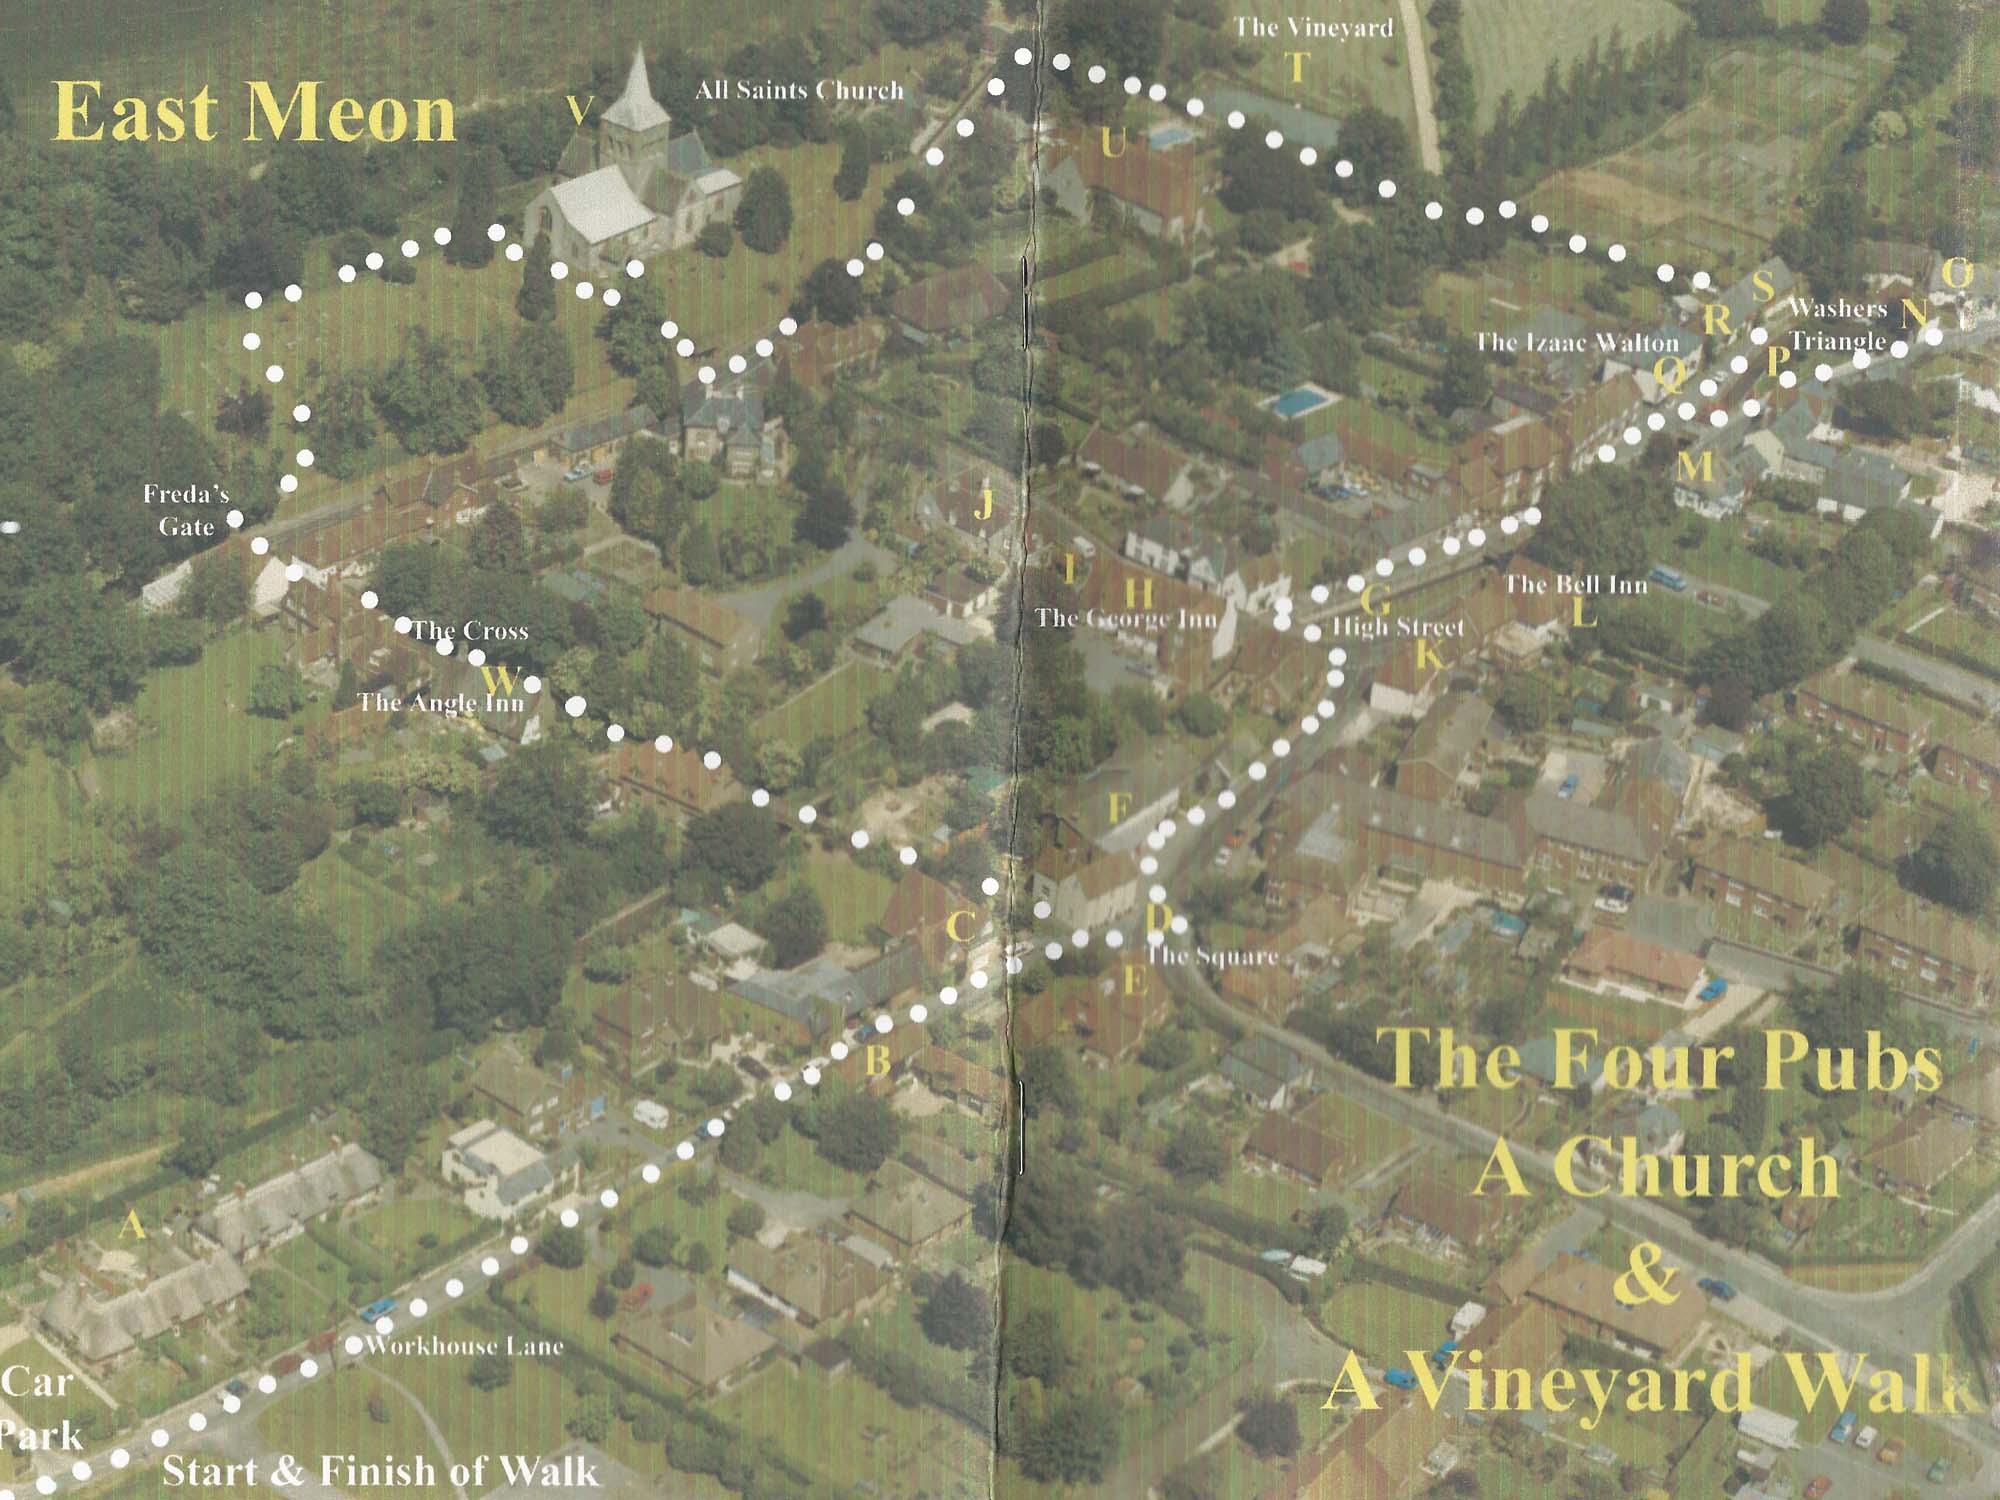 Four pubs, a church and a vineyard. 2005